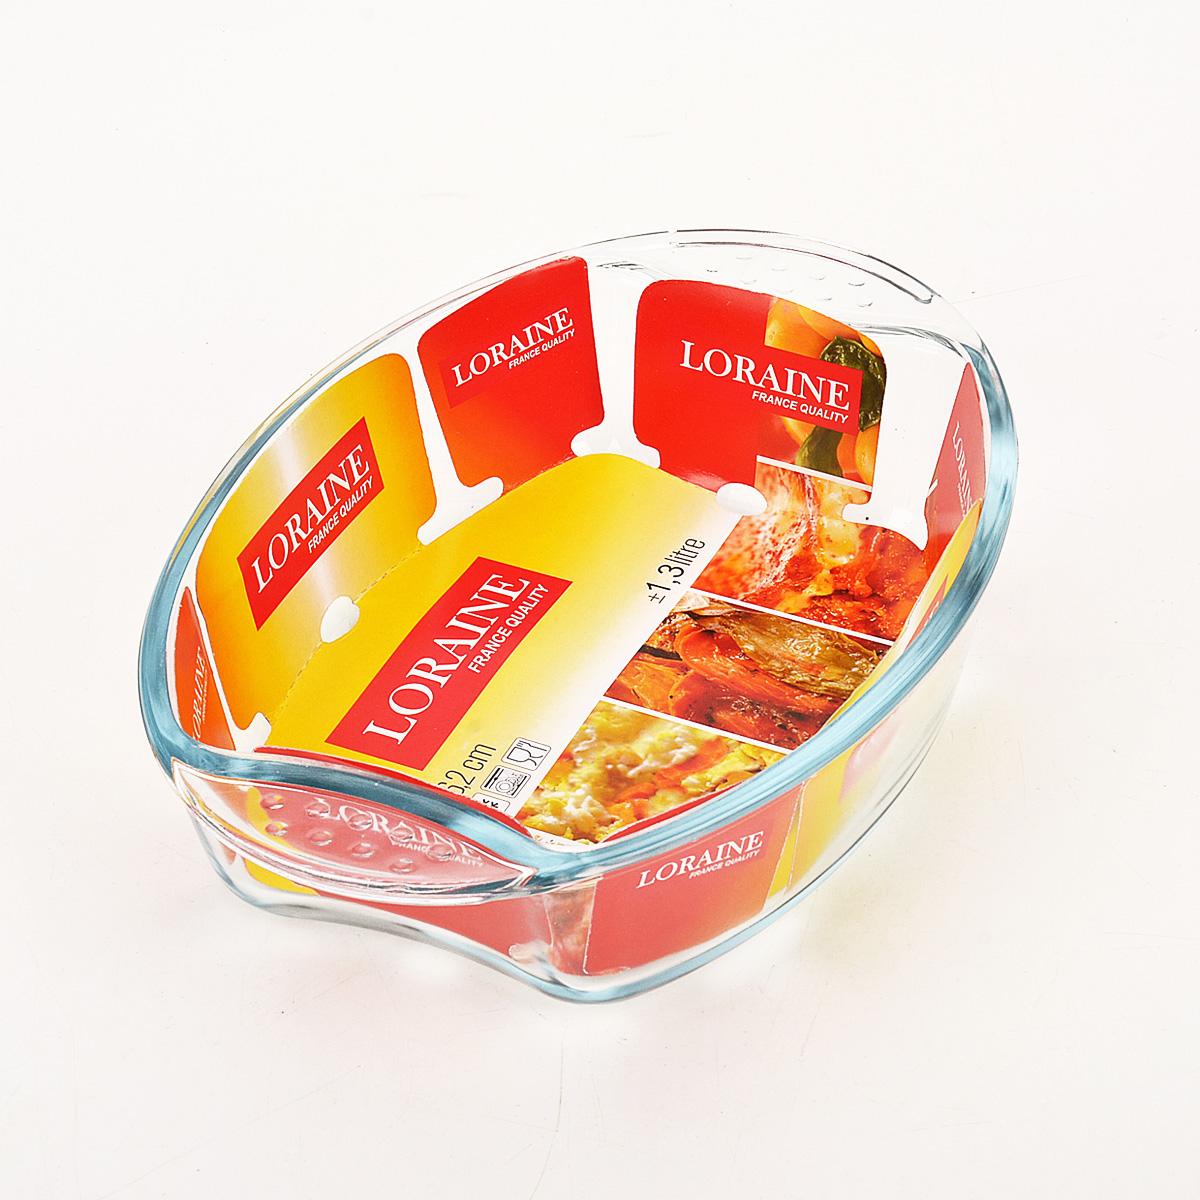 Жаровня Loraine, 1,3 л20669Овальная жаровня Loraine изготовлена из жаропрочного боросиликатного прозрачного стекла. Стеклянная посуда идеальна для запекания, так как стекло - это экологически чистый, износостойкий и долговечный материал, к которому не прилипает пища, в такой посуде пища сохраняет все свои полезные вещества и микроэлементы. Емкость идеальна для запекания в духовке птицы и мяса, для приготовления лазаньи, запеканки и даже пирогов. С жаровней Loraine вы всегда сможете порадовать своих близких оригинальной выпечкой.Подходит для использования в духовке при температуре до +400°С, в морозильной камере при температуре до -40°С. Можно использовать в микроволновой печи. Подходит для мытья в посудомоечной машине. Объем: 1,3 л. Размер жаровни (с учетом ручек): 26 см х 18 см. Высота стенки: 6 см.